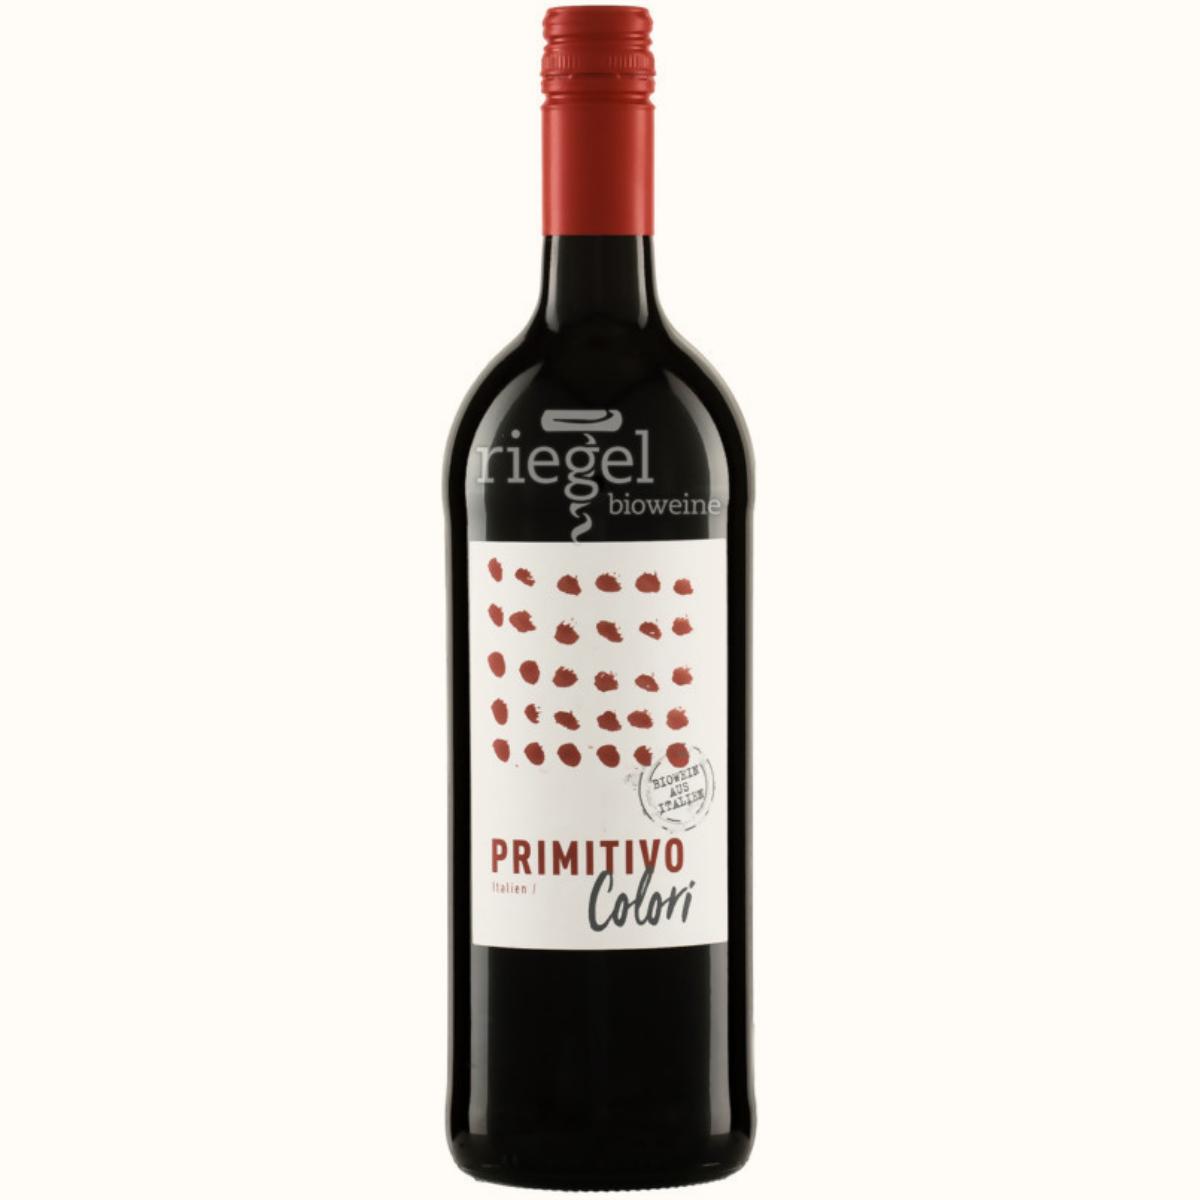 Colori Primitivo, Biowein, Riegel Biowein, Wein kaufen